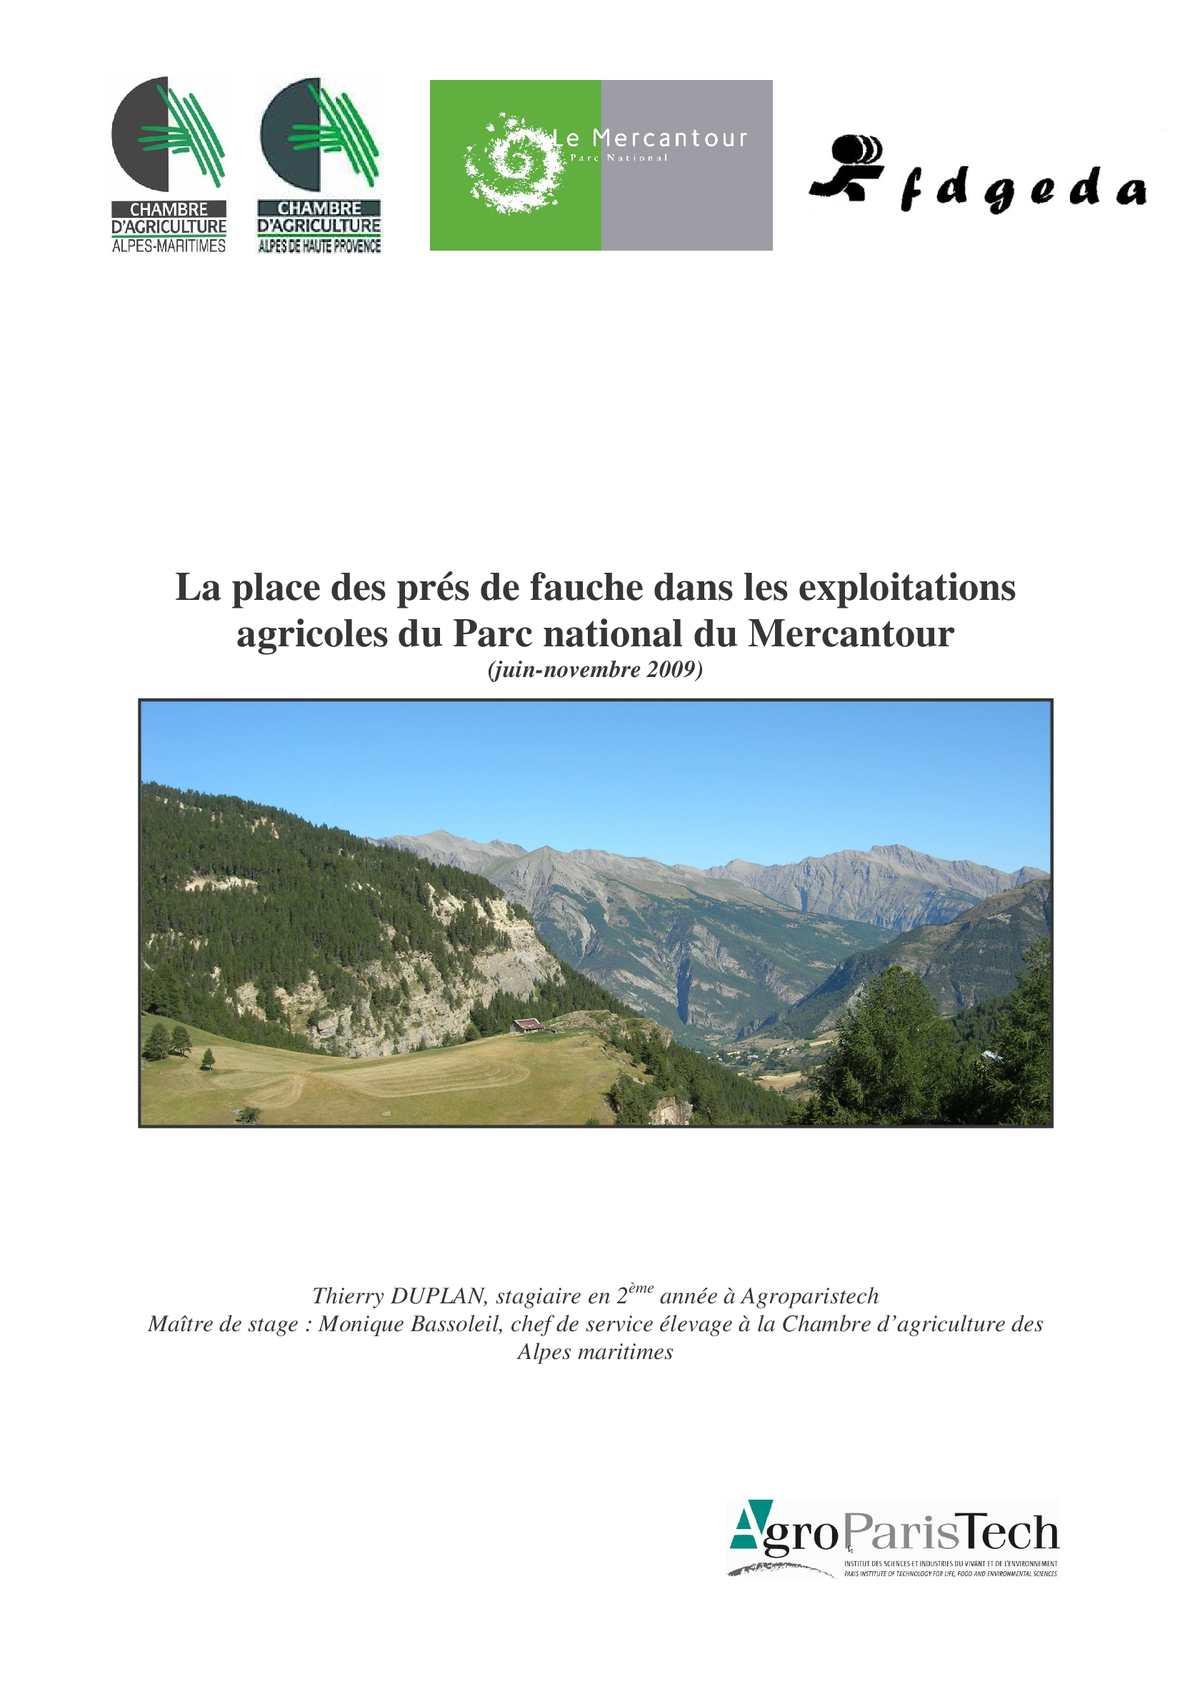 Calam o inventaire des pr s de fauche du mercantour 2009 - Chambre agriculture alpes maritimes ...